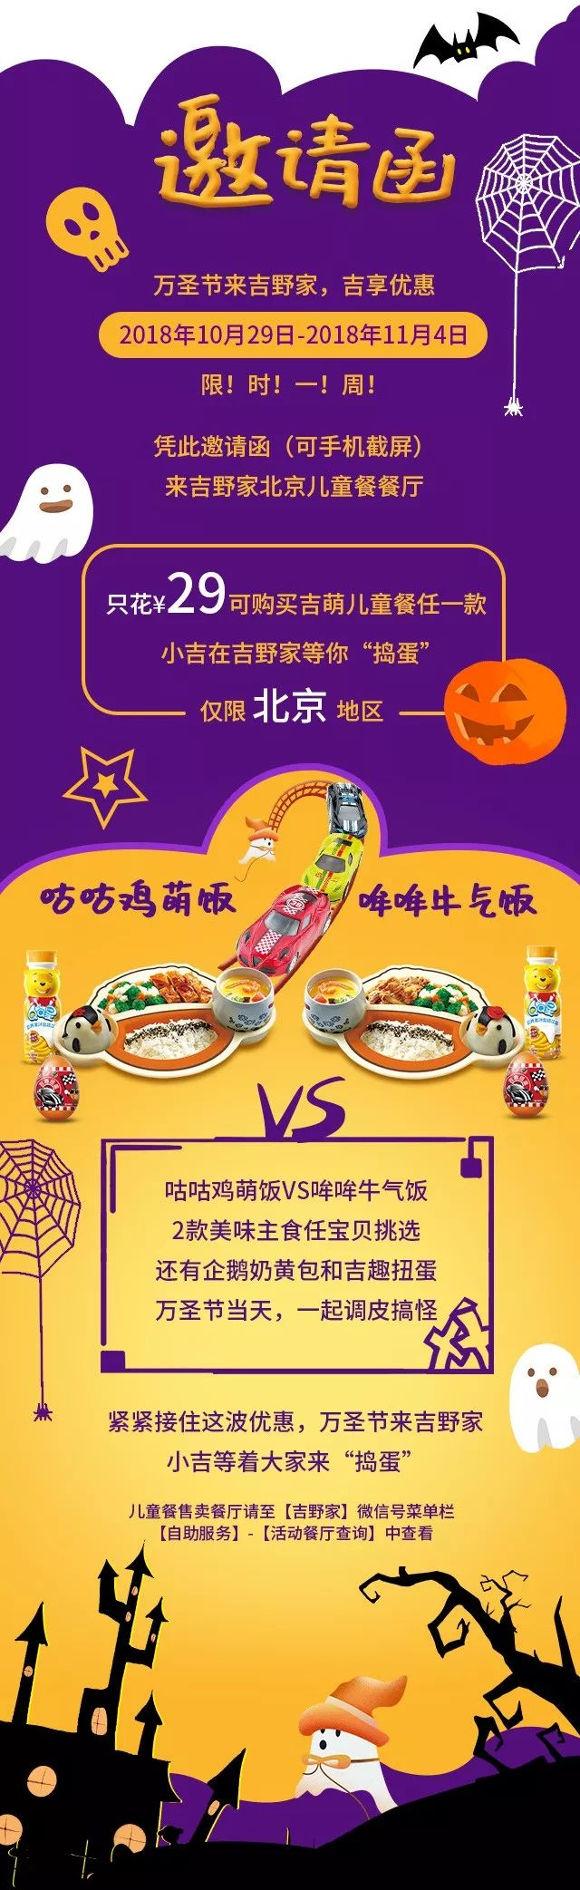 北京吉野家万圣节邀请函,吉萌儿童餐立减6元起